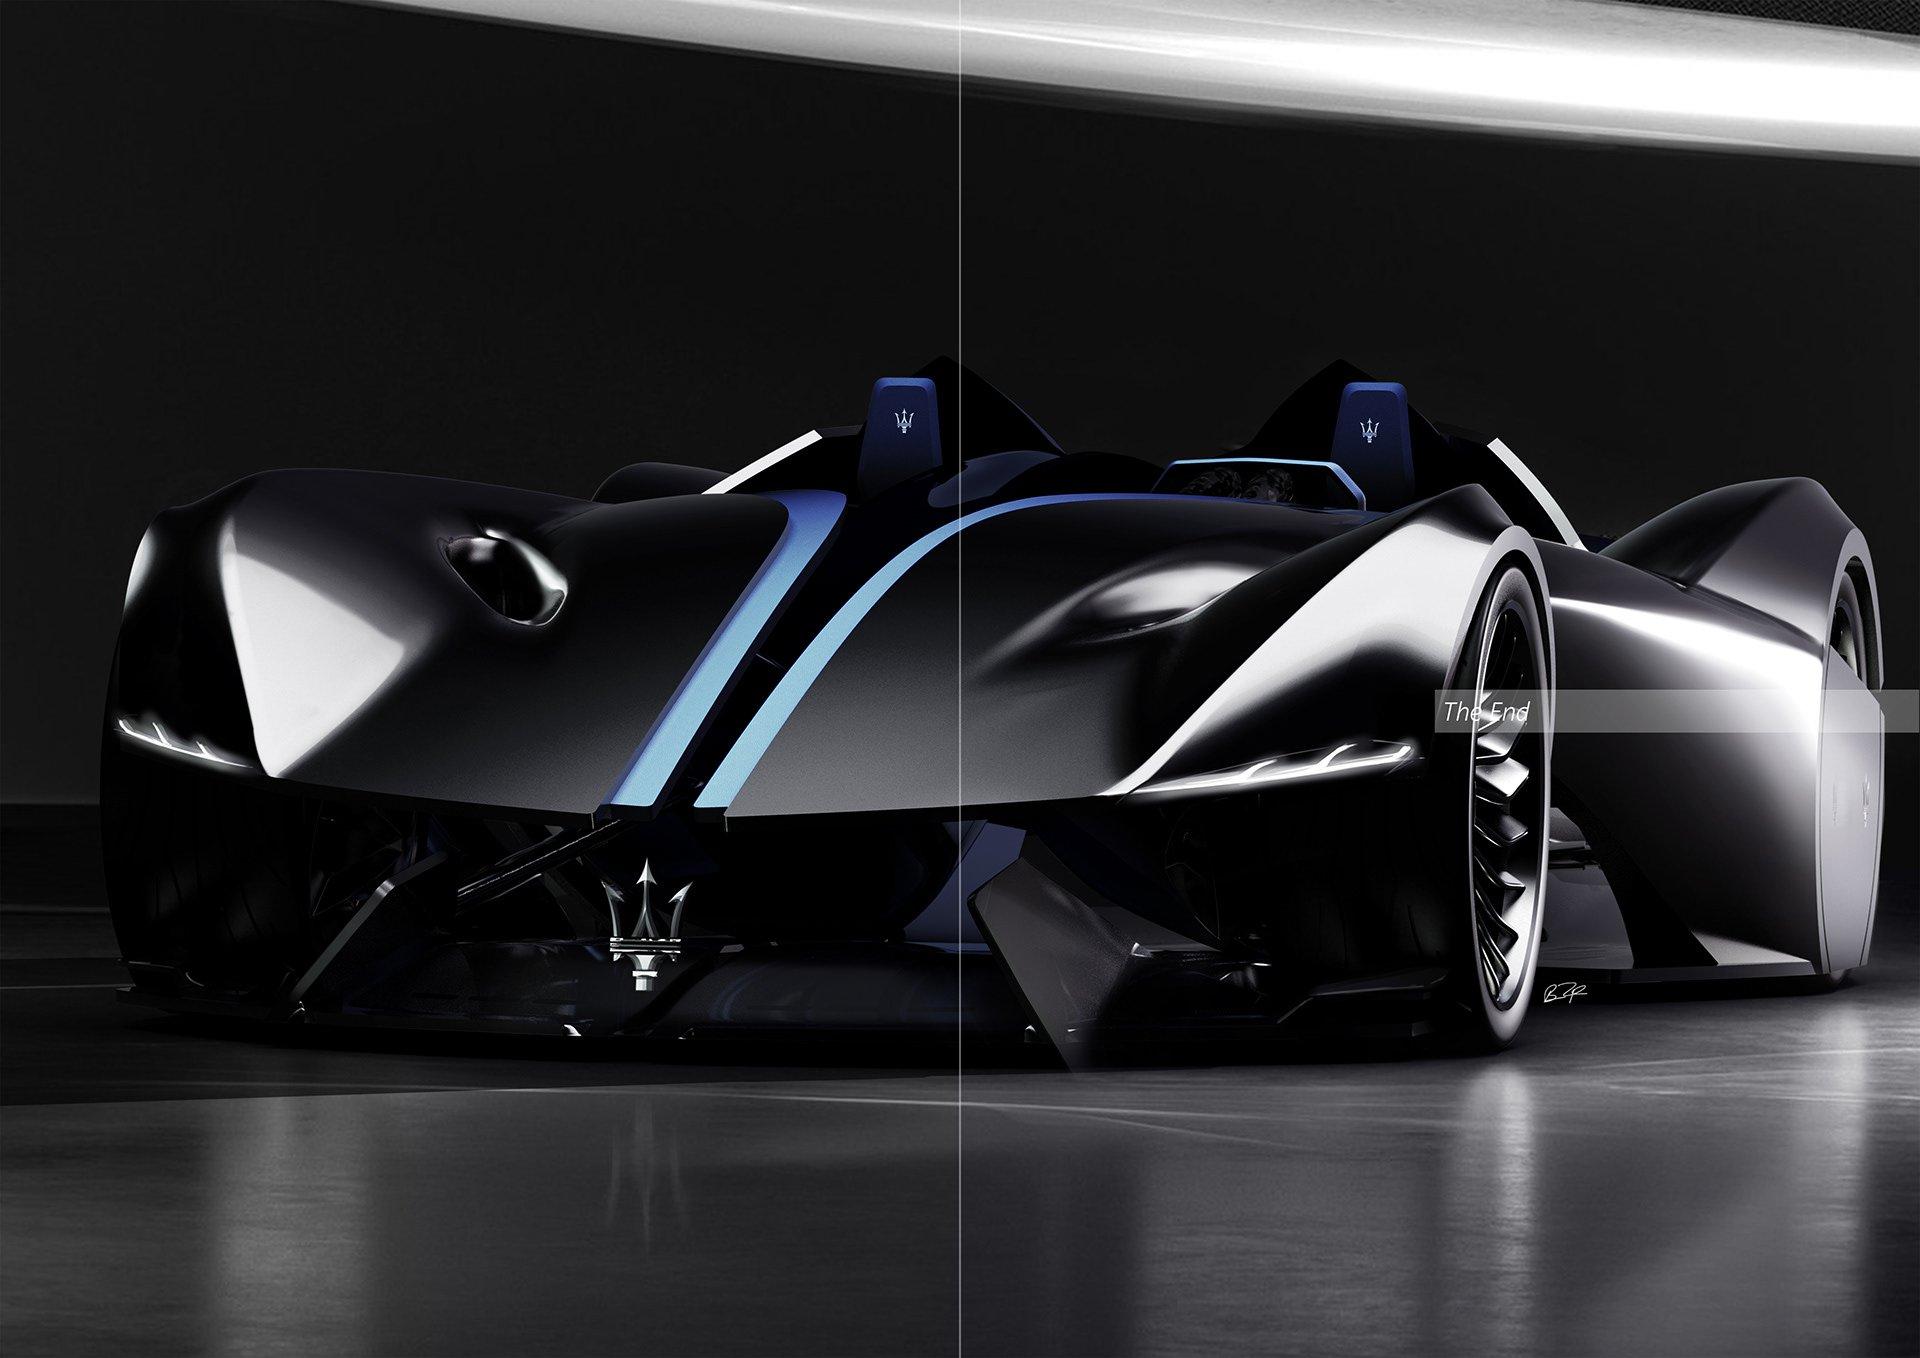 Maserati siêu xe điện tự lái Diatto trong tương lai 5